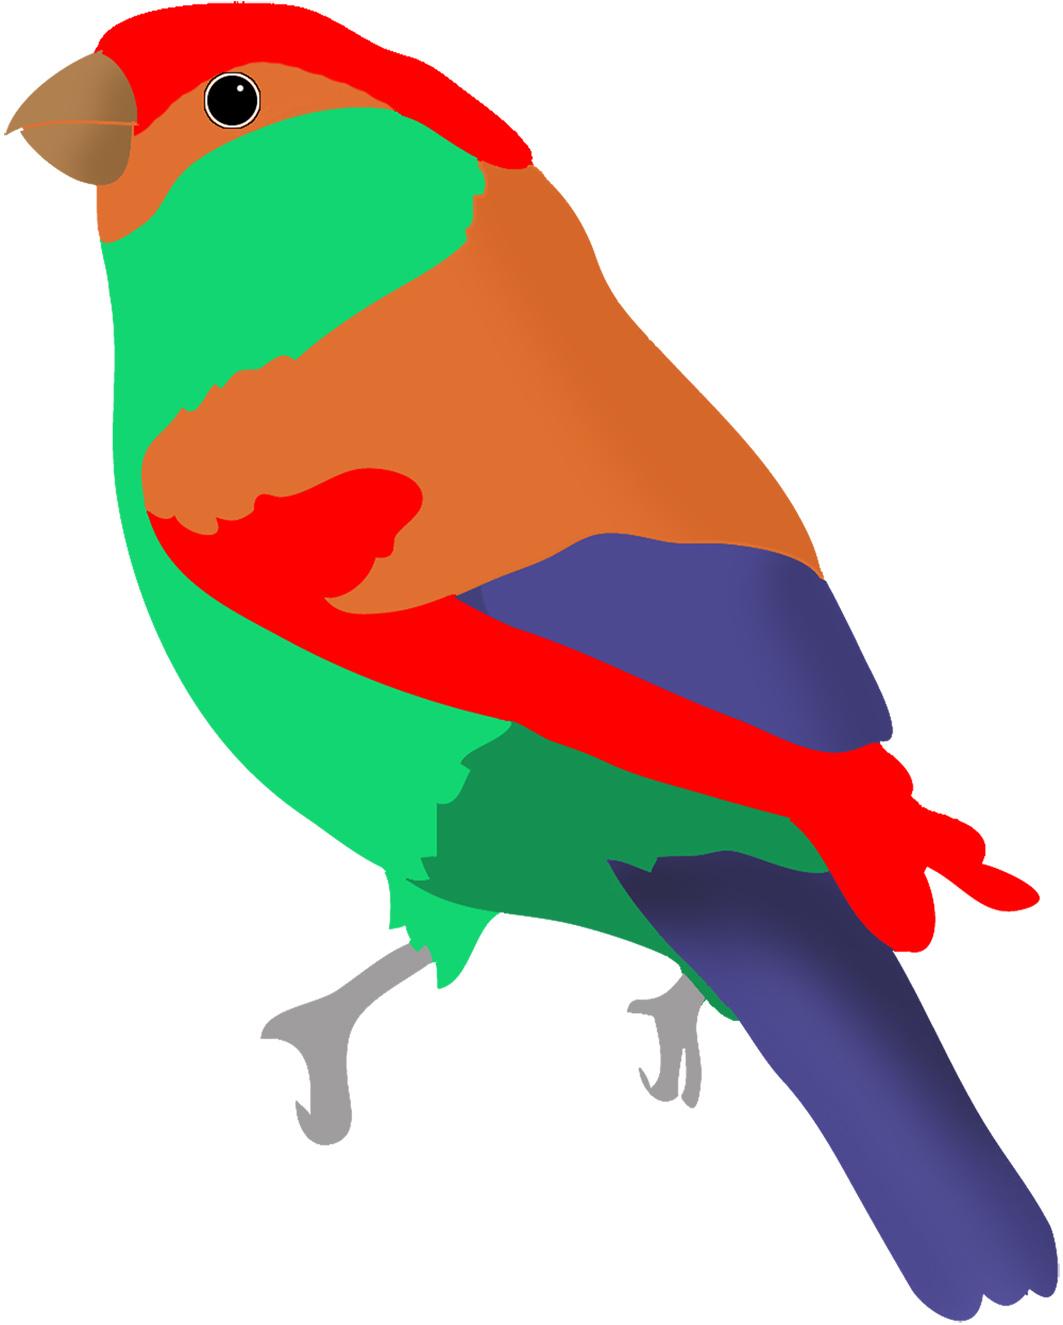 Bird clipart colored Redpoll blue green red bird